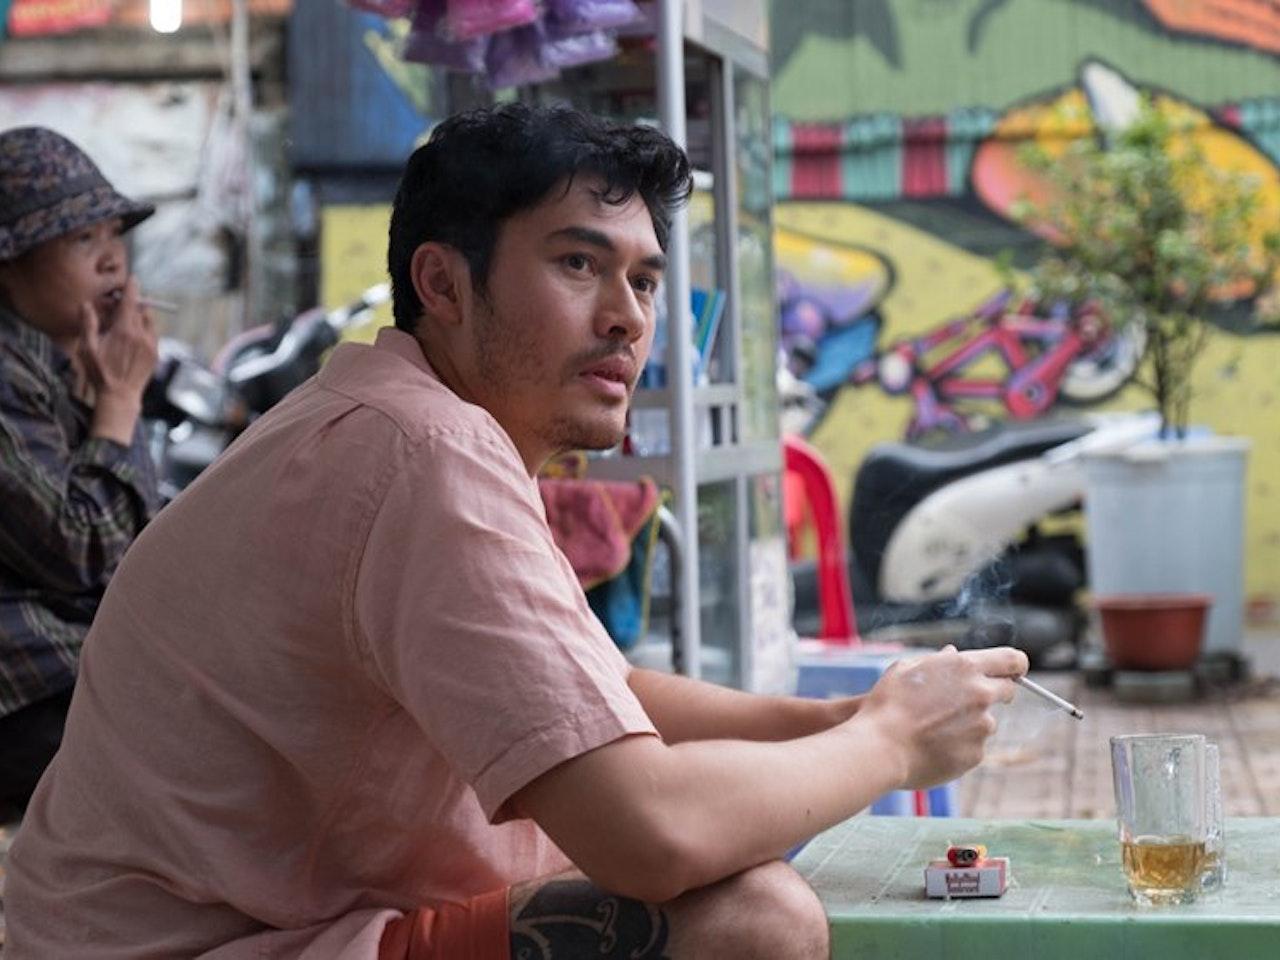 monsoon-2019-001-henry-golding-cafe-cigarette-beer